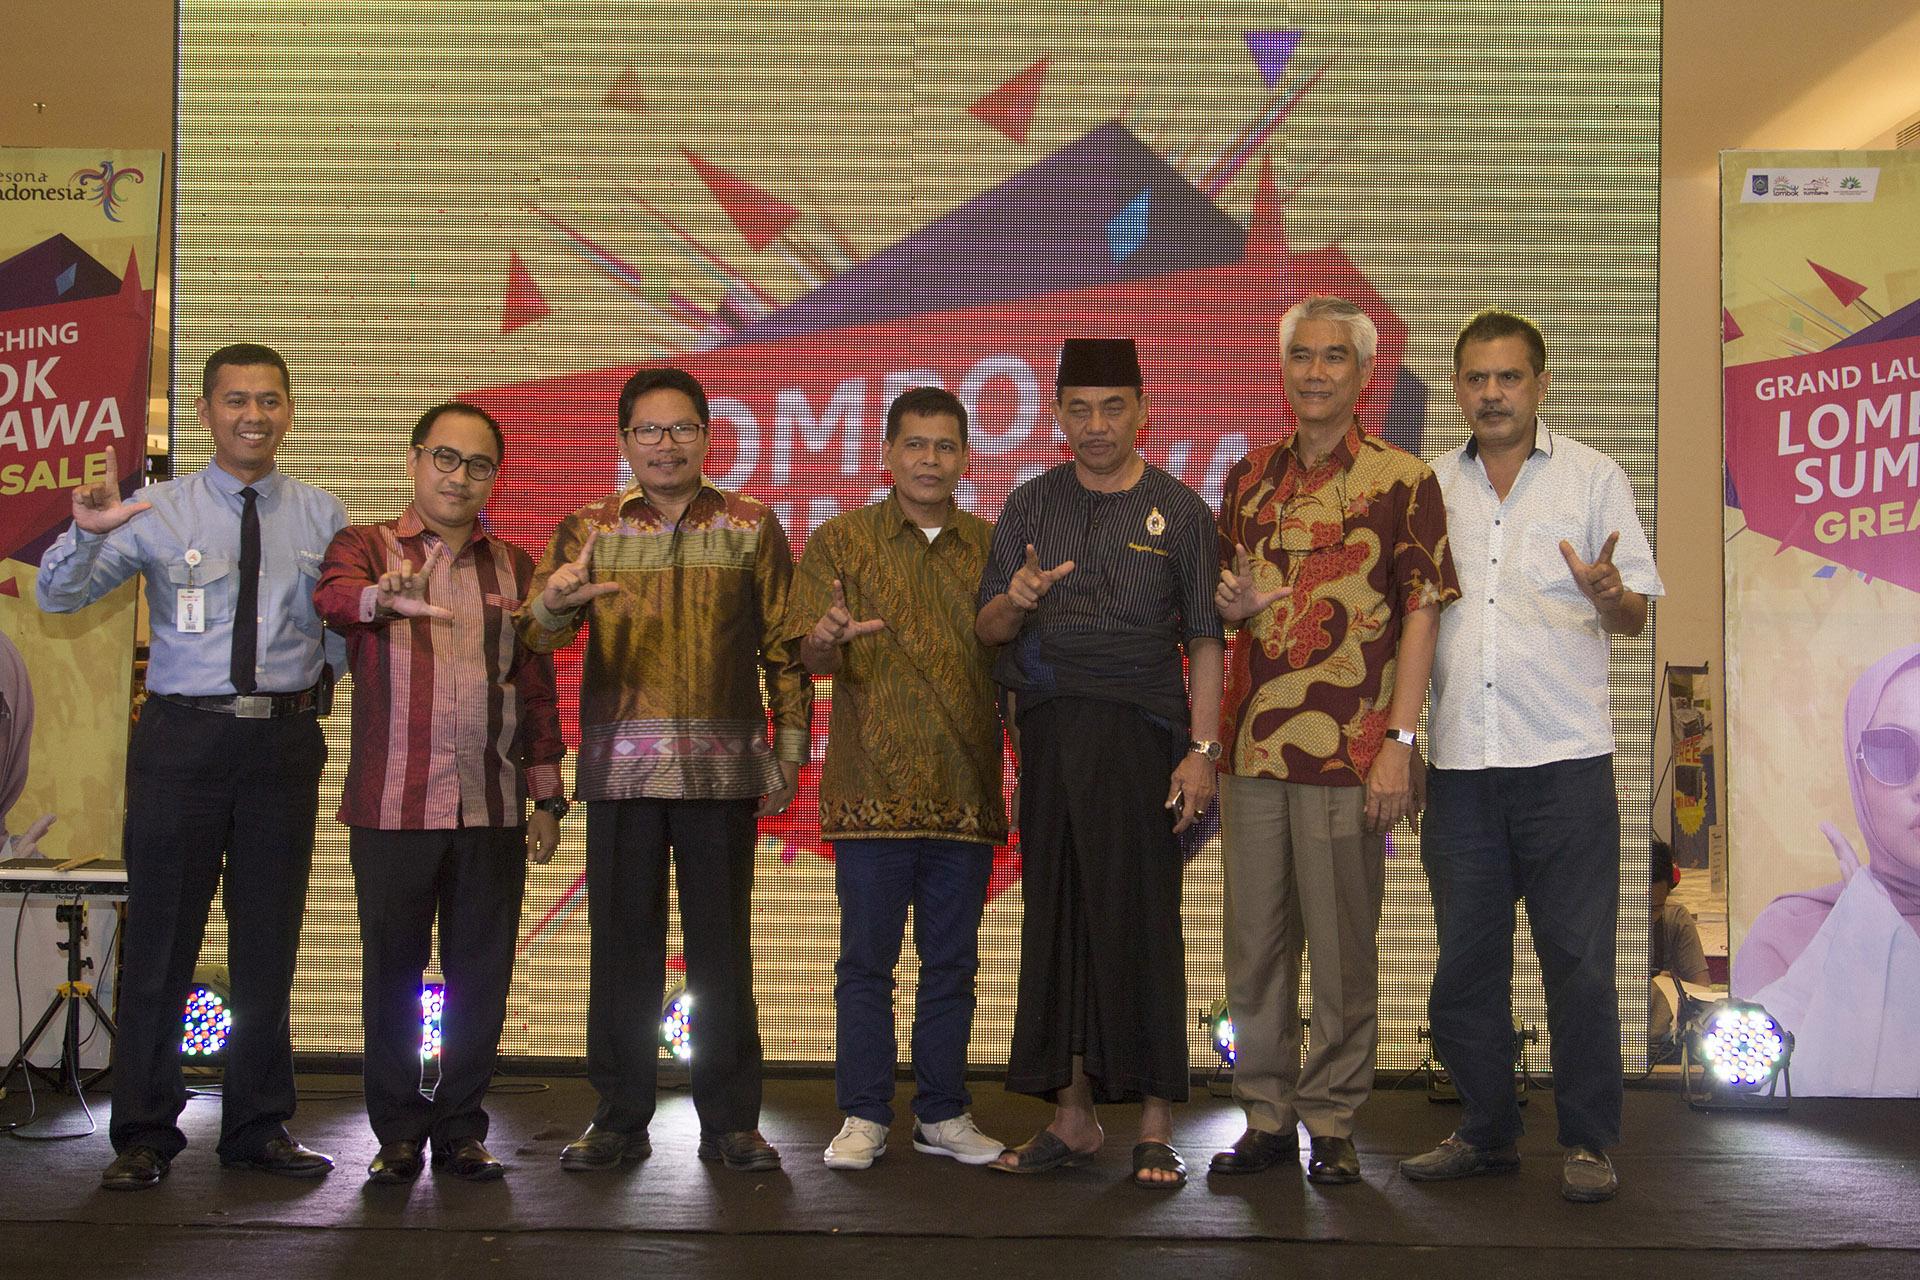 Photo of Resmi Diluncurkan, Lombok Sumbawa Great Sale Hadir Kembali!